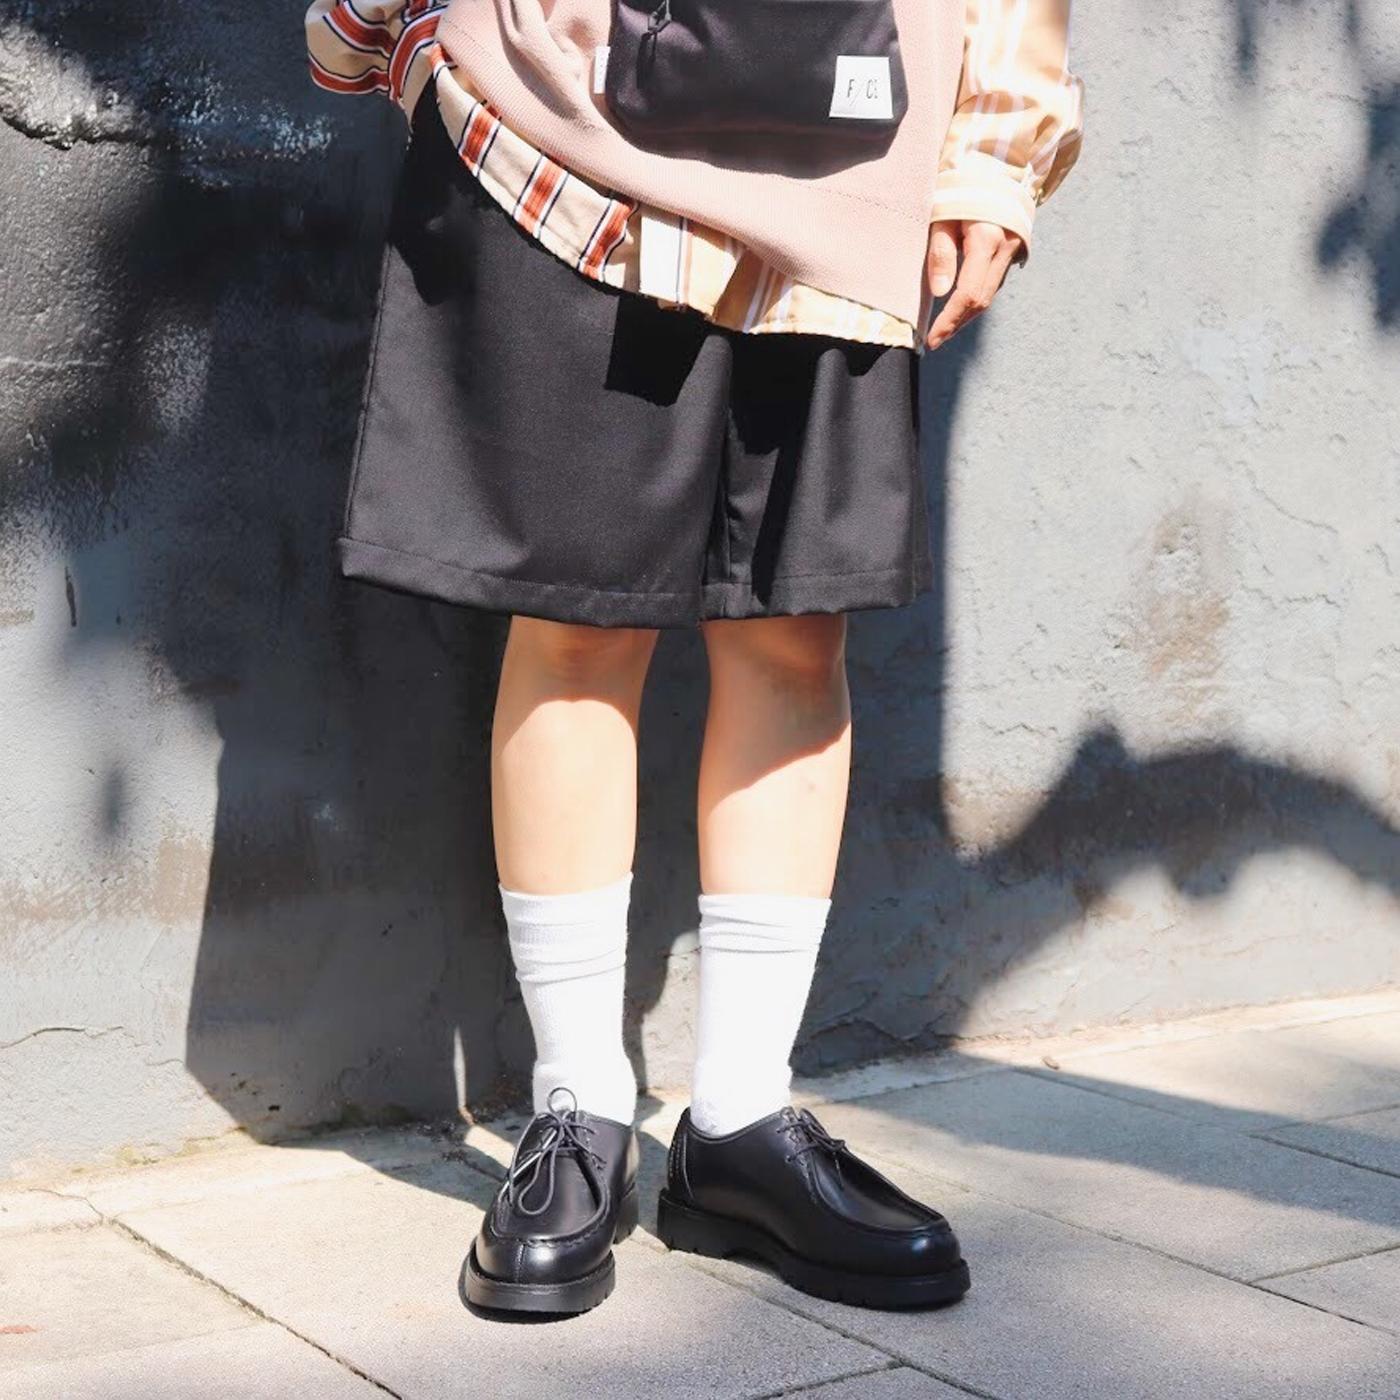 outdoor,軍風,男裝女穿,一週搭配,同色系,拼接,搭配名人,阿潔,格紋,條紋,女生搭配,街頭搭配